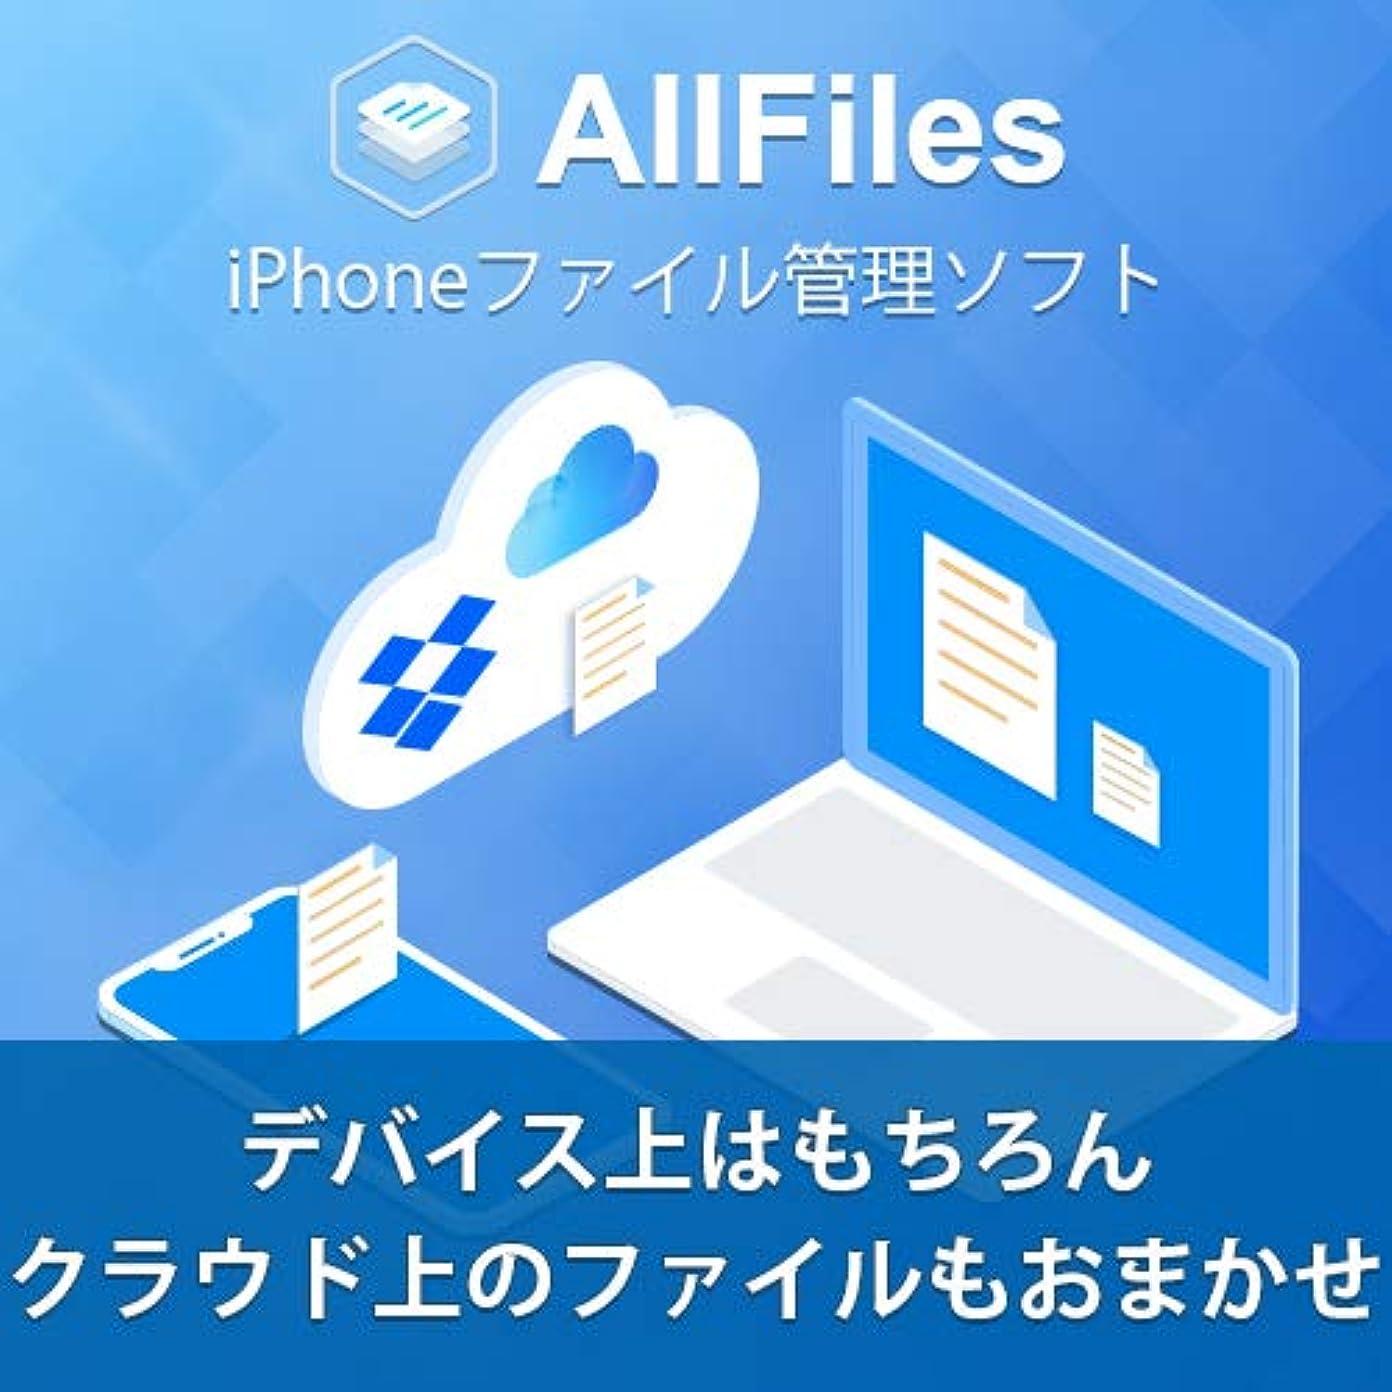 政令傾向があります努力【無料版】 AllFiles for Win 【パソコン、iPhone、iCloud の間をドラッグ&ドロップでファイル移動! 大事なファイルの管理?バックアップに】 ダウンロード版